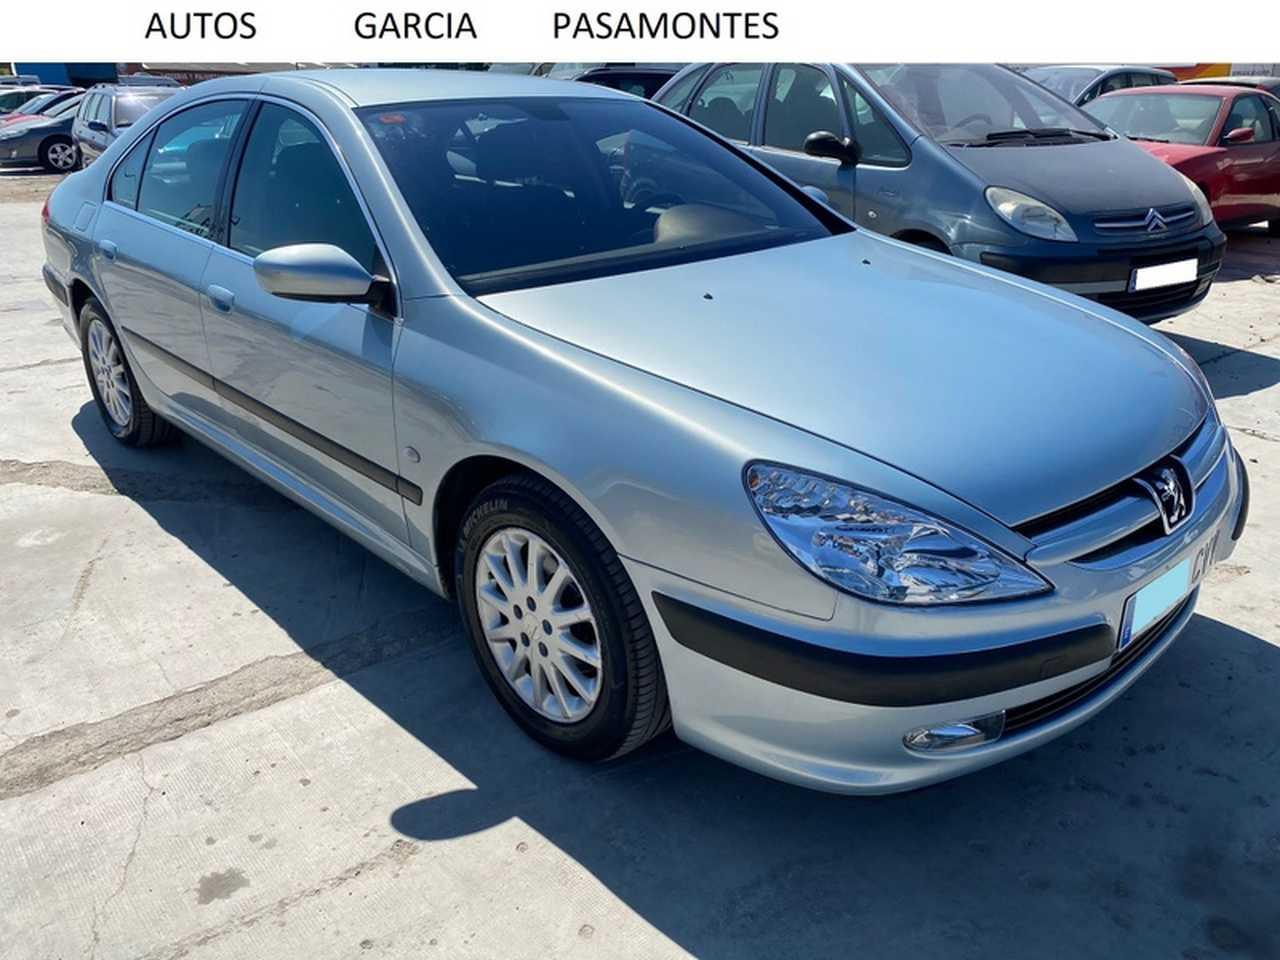 Peugeot 607 2.2 HDI 133 CV TITAN AUTOMATICO  - Foto 1